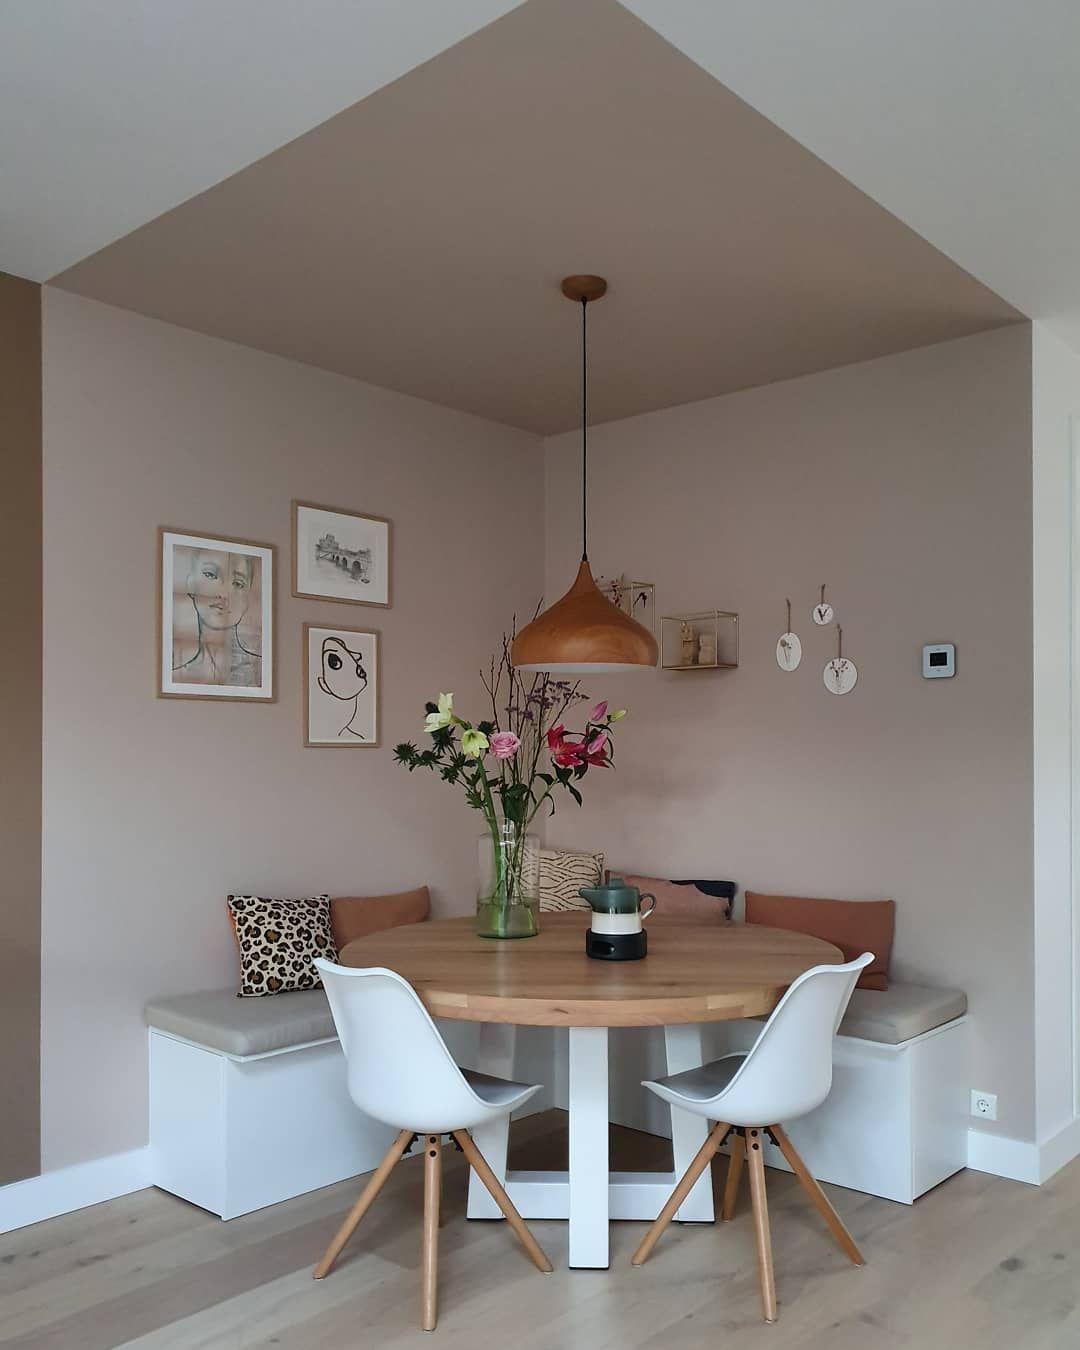 binnenkijken bij cindy126 #interieurinspiratie #homedeconl